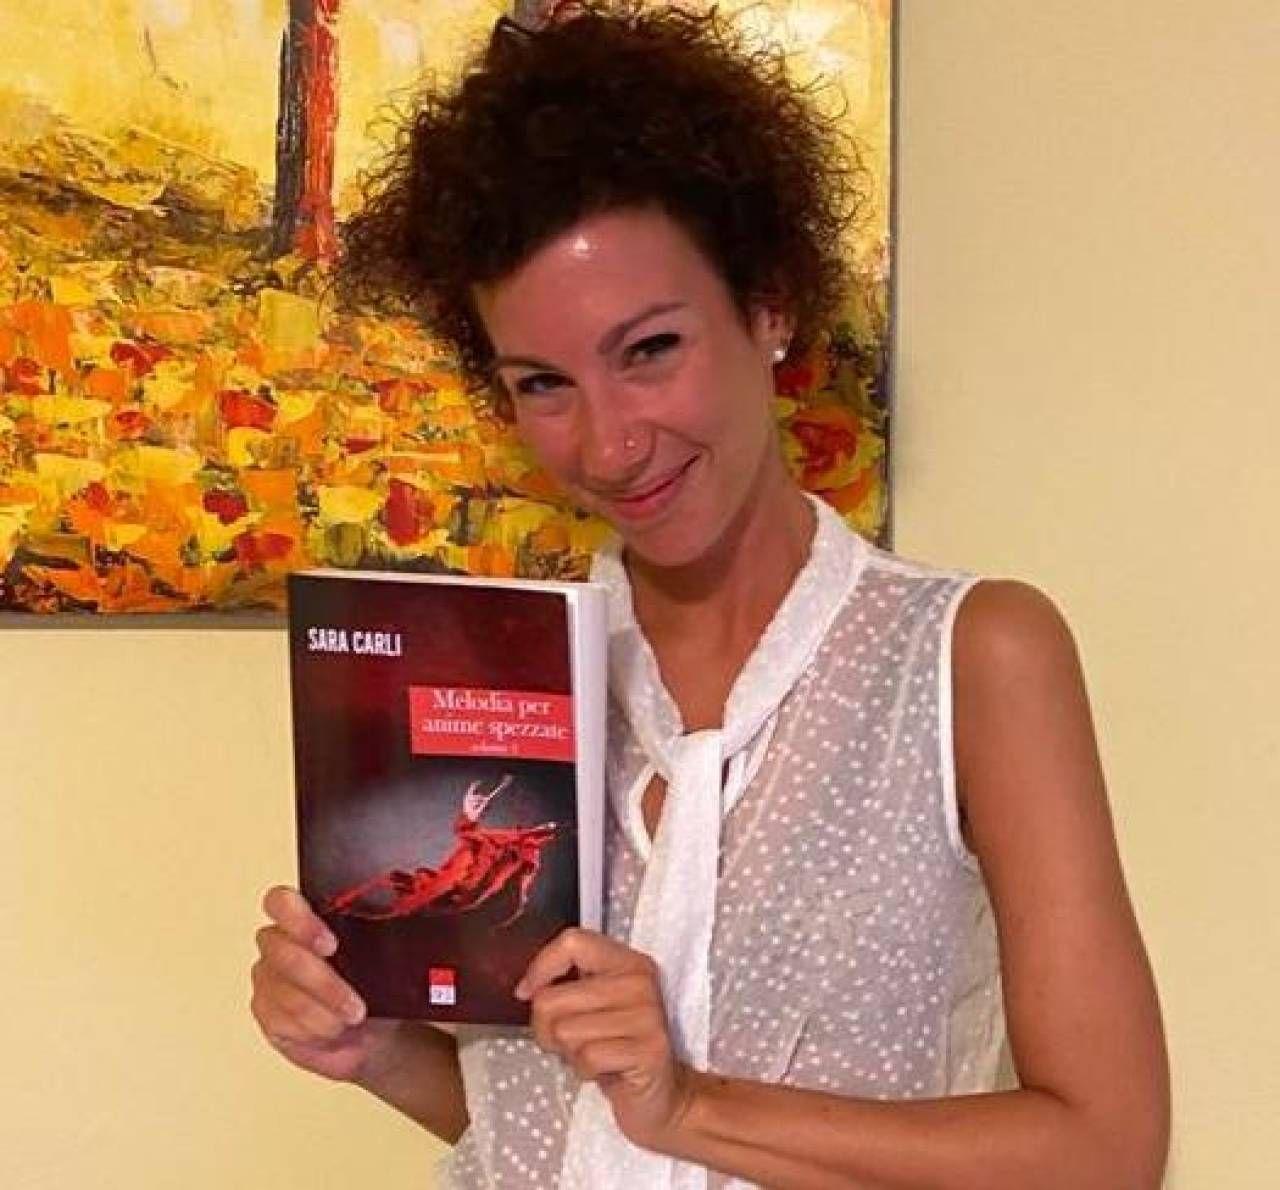 Sara Carli, di Lagosanto, mostra il suo romanzo d'esordio